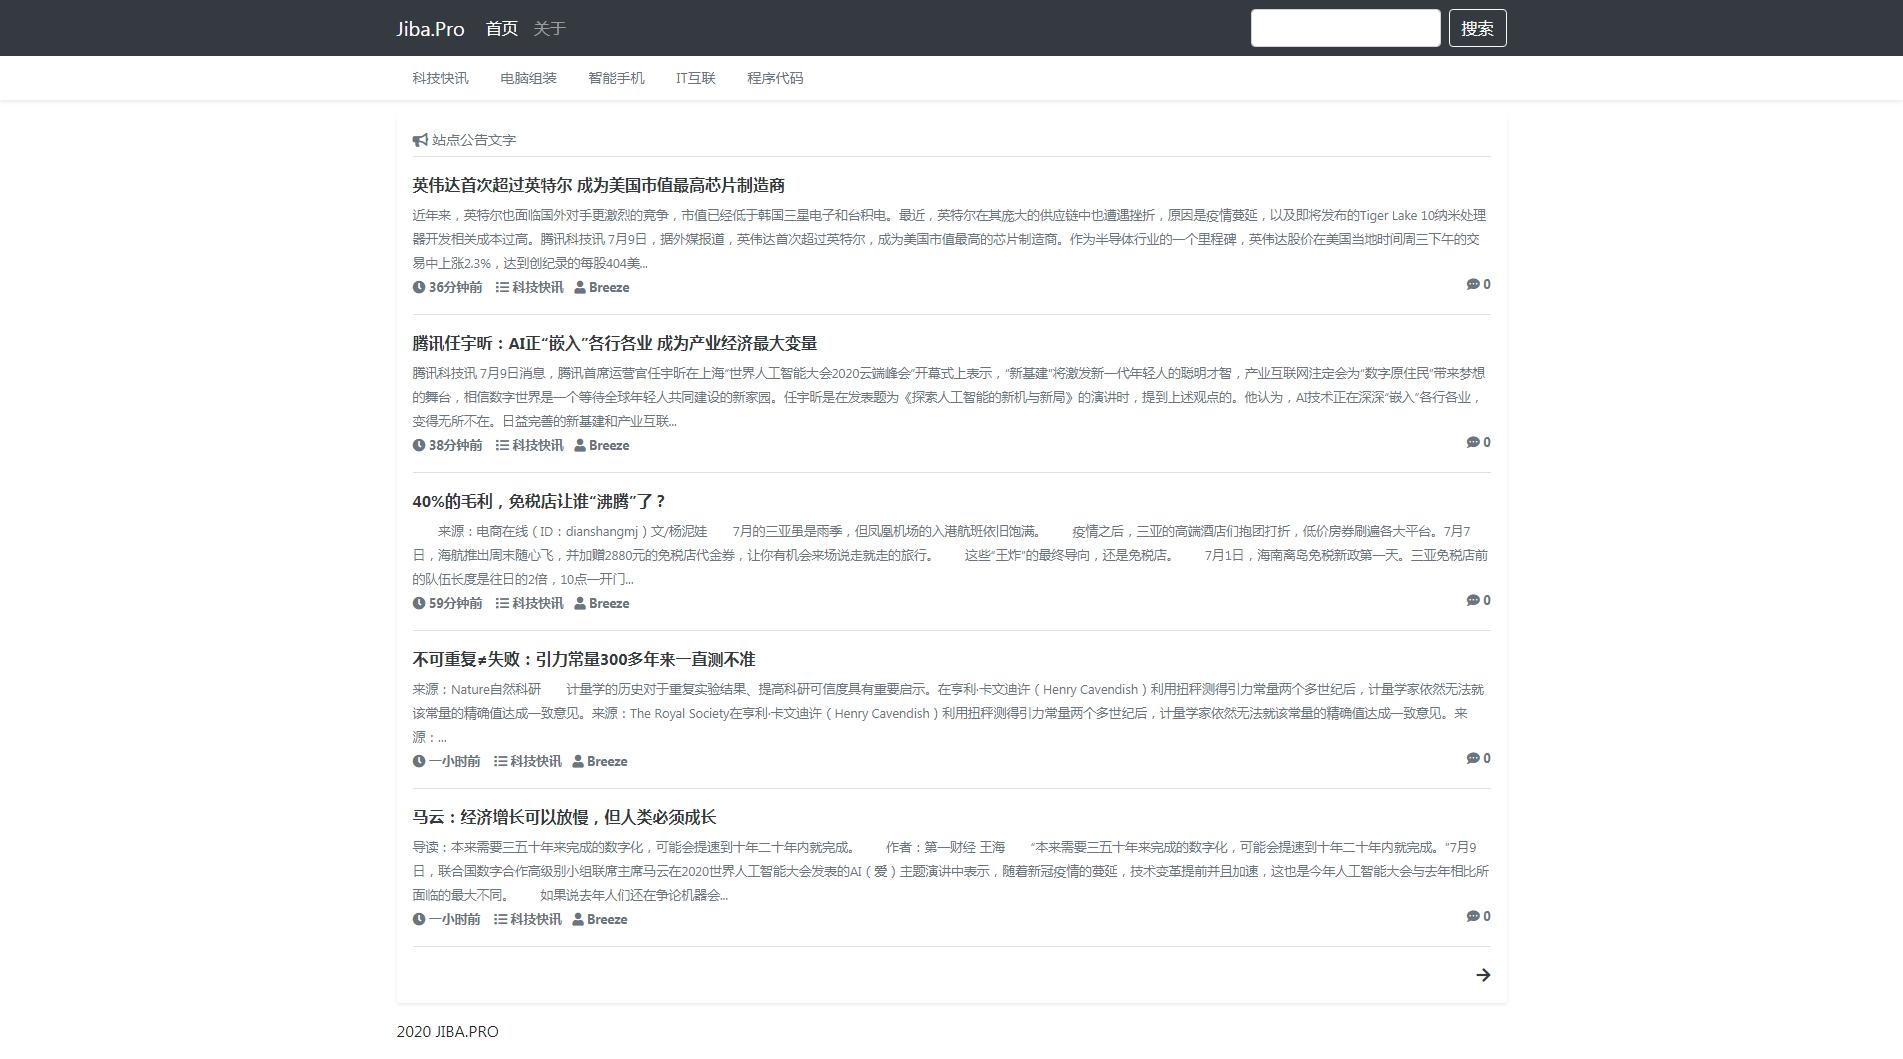 Typecho付费主题 Jiba 1.0 Alpha 预览版来了